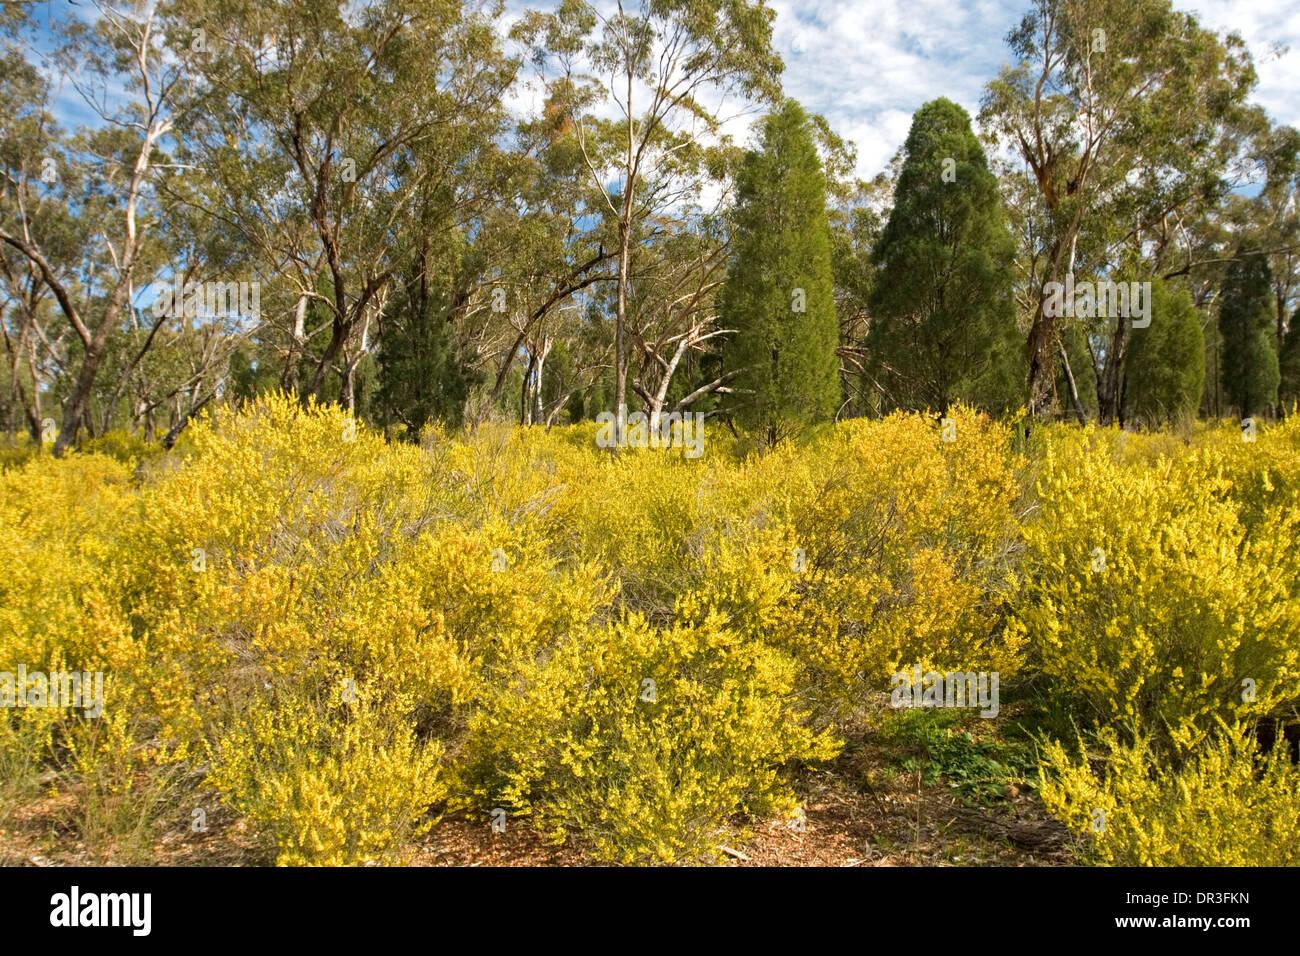 Arbusto Boschivo Dai Fiori Gialli.Massa Di Spettacolare Fioritura Nativo Di Arbusti Graticcio